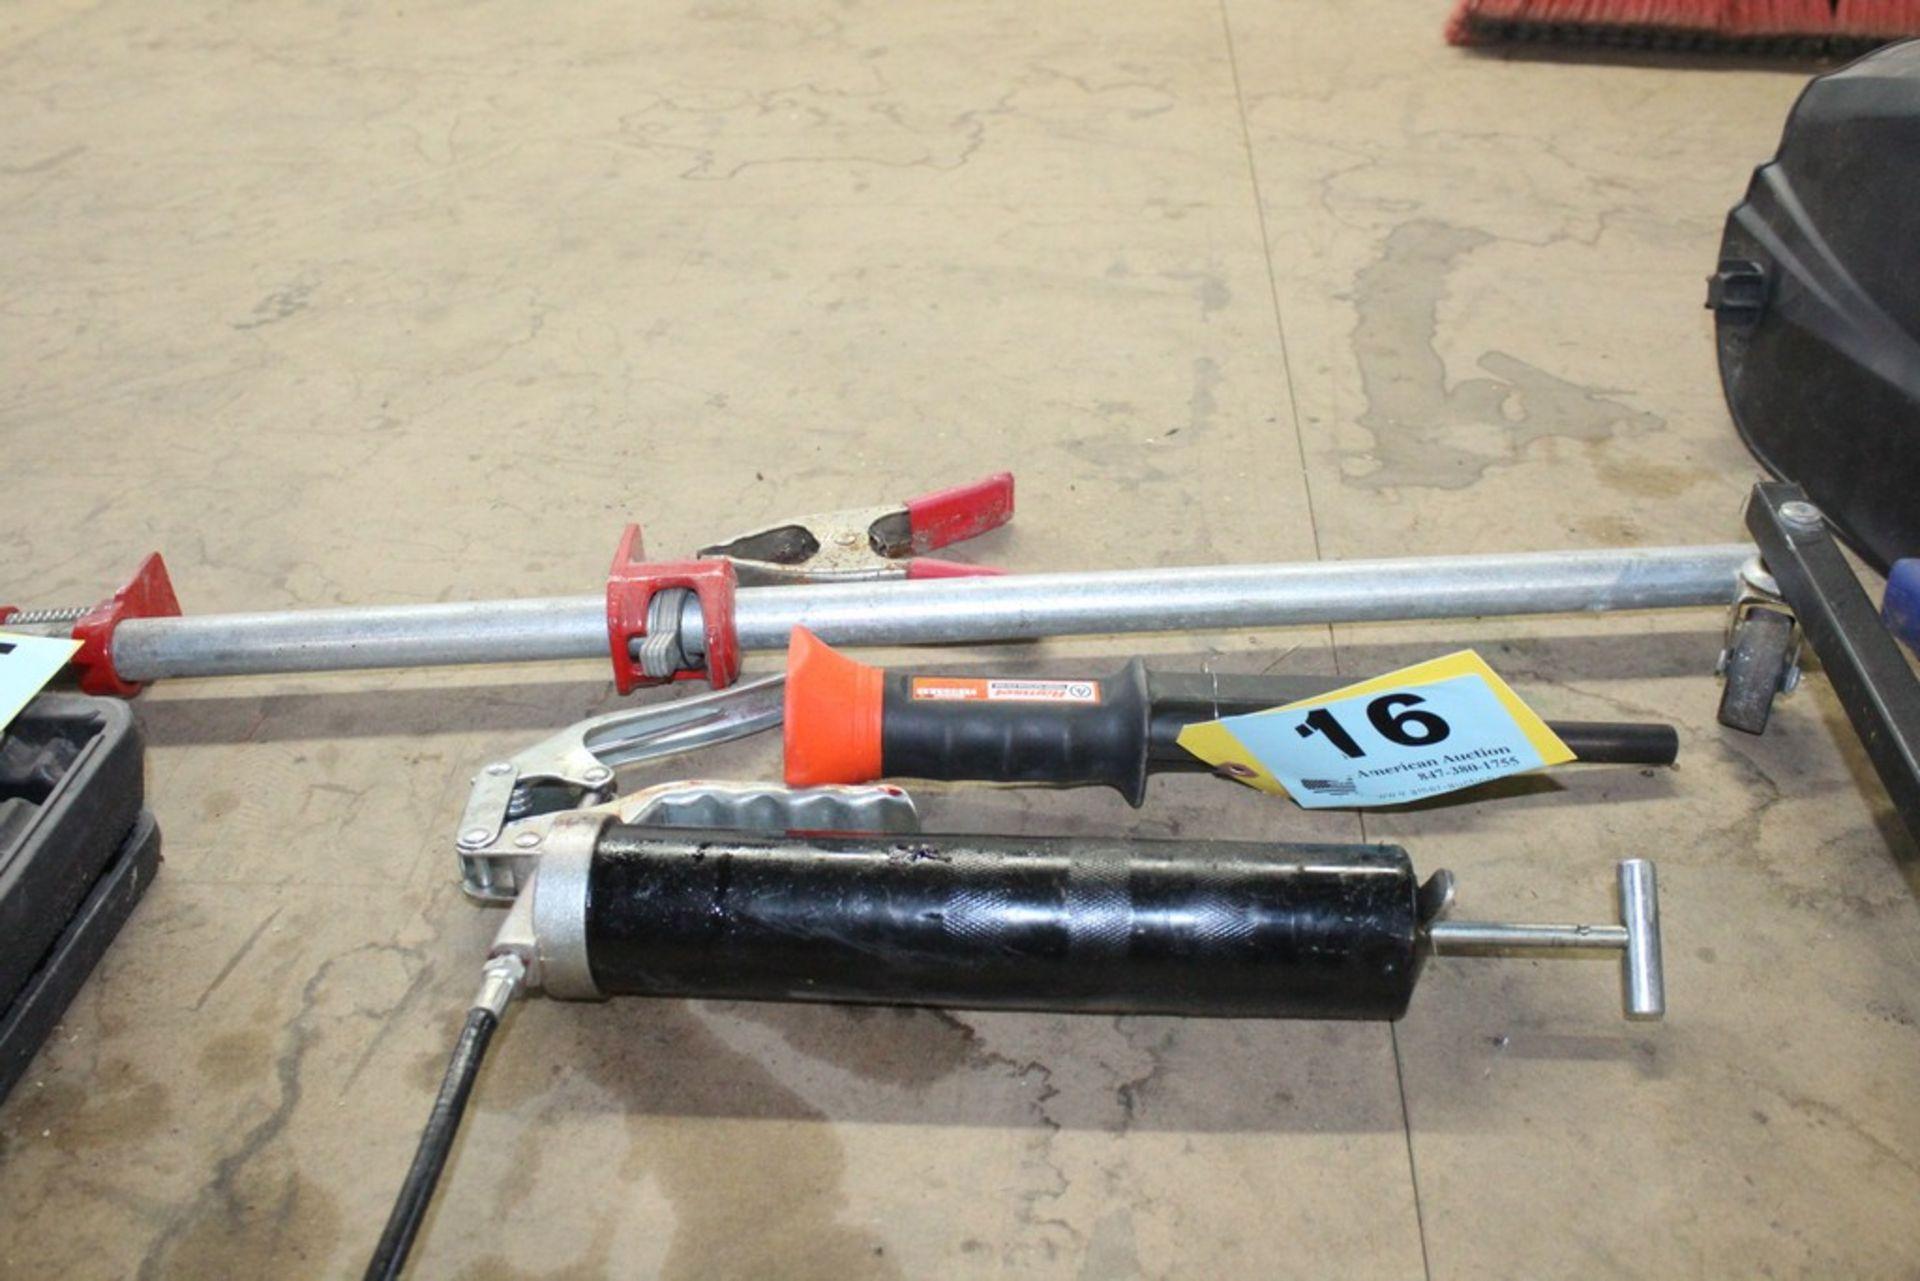 Lot 16 - RAMSET POWDER NAIL GUN, BAR CLAMP AND GREASE GUN